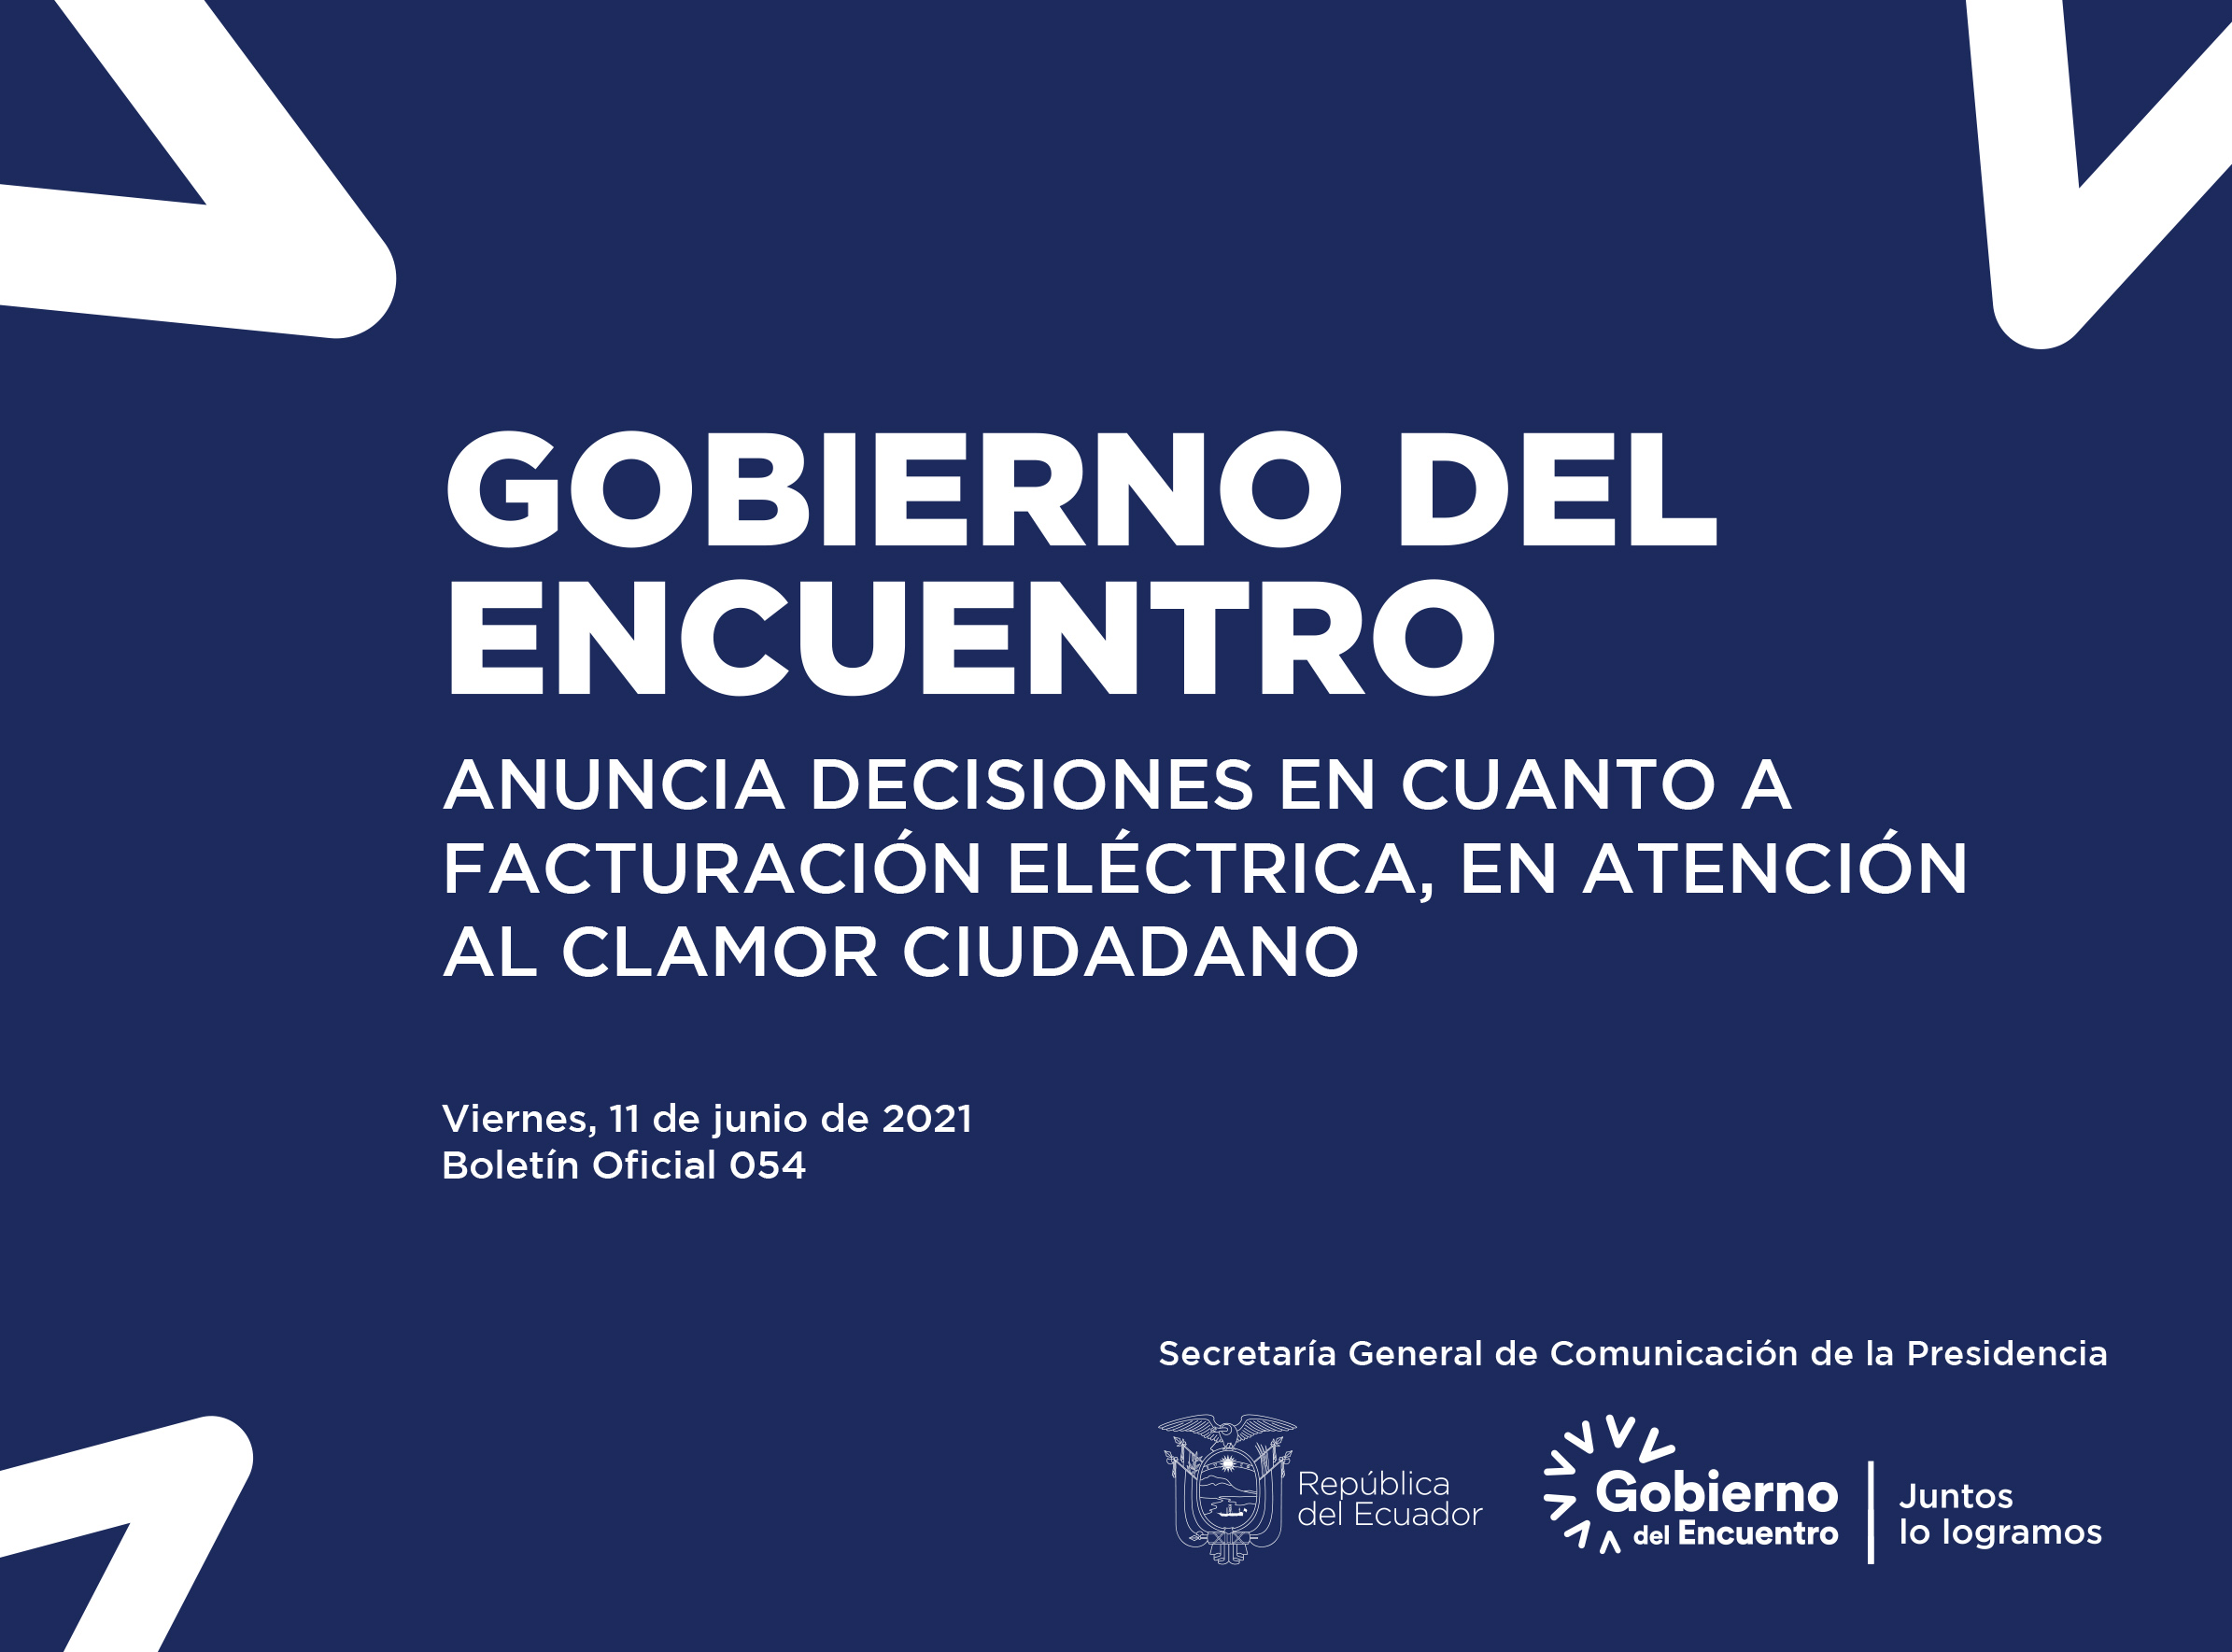 GOBIERNO DEL ENCUENTRO ANUNCIA DECISIONES EN CUANTO A FACTURACIÓN ELÉCTRICA, EN ATENCIÓN AL CLAMOR CIUDADANO